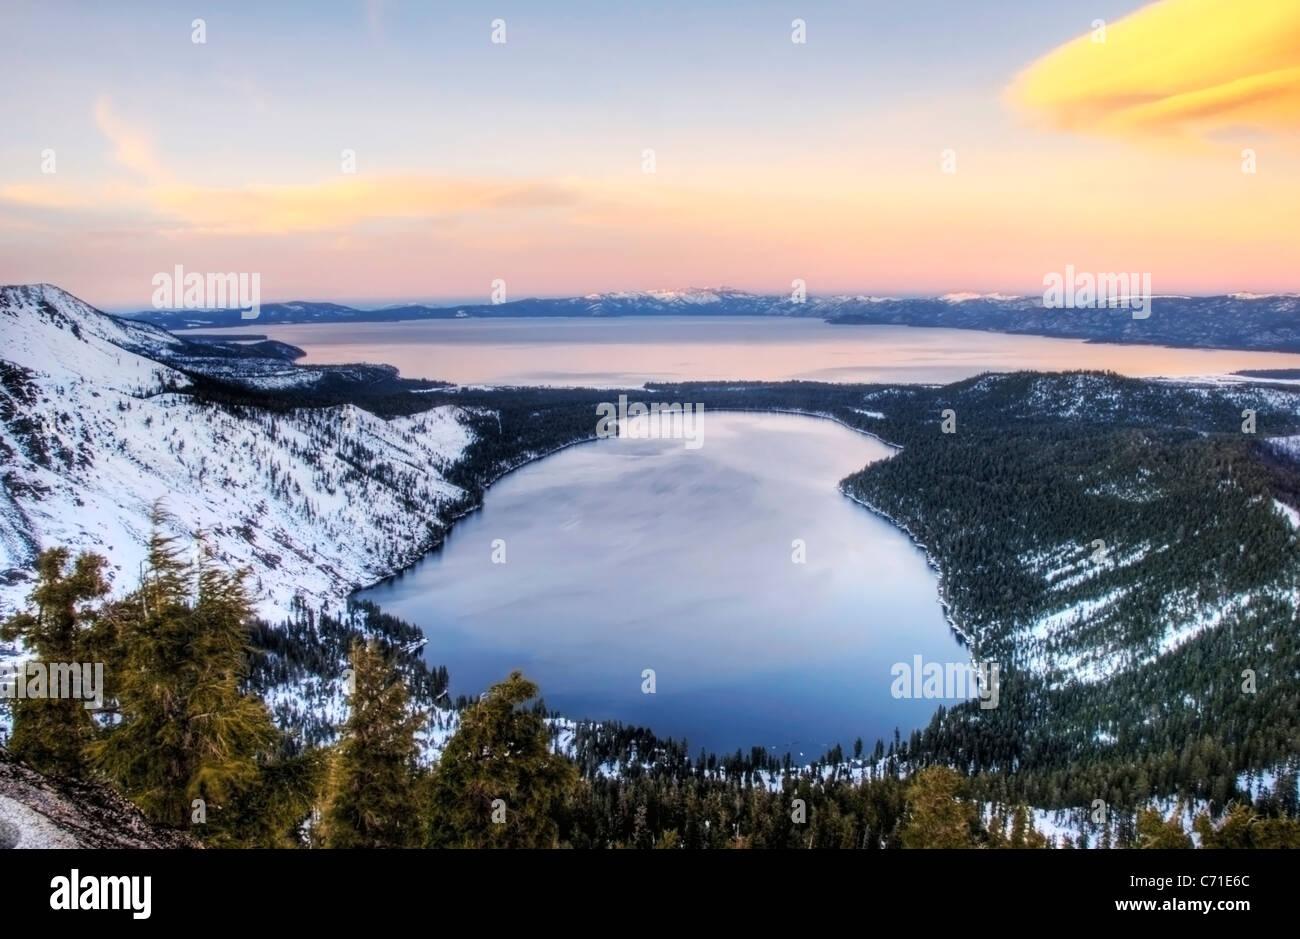 Caído Leaf Lake y el Lago Tahoe durante la puesta de sol en el invierno, California. Imagen De Stock